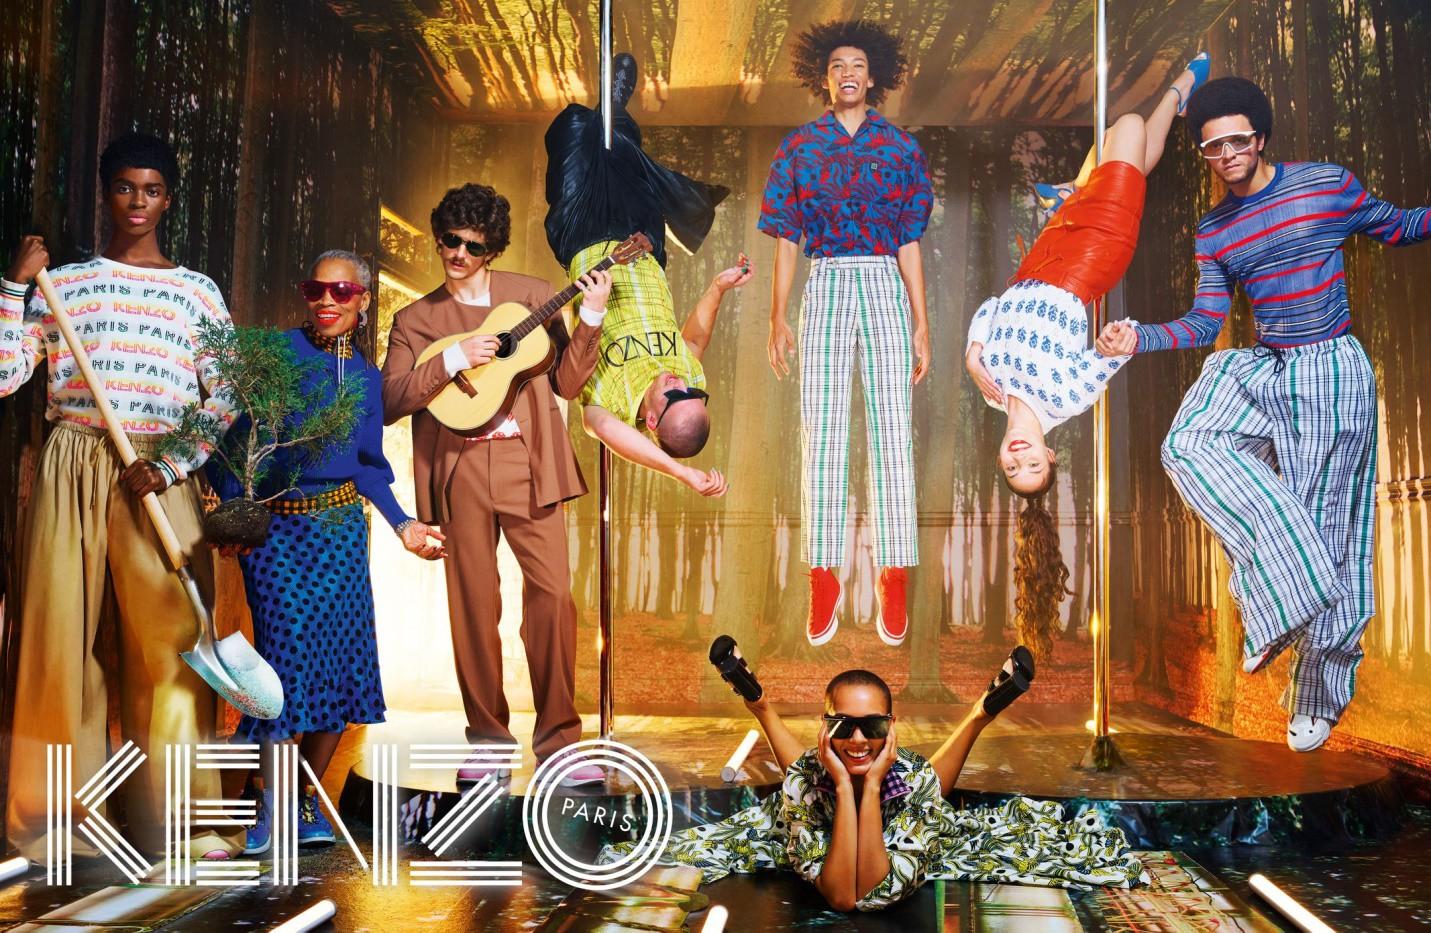 Kenzo - Gã phù thủy biến hóa mọi phong cách: Bạn muốn mặc như ngôi sao ca nhạc hay phu nhân và ái nữ tổng thống? - Ảnh 1.